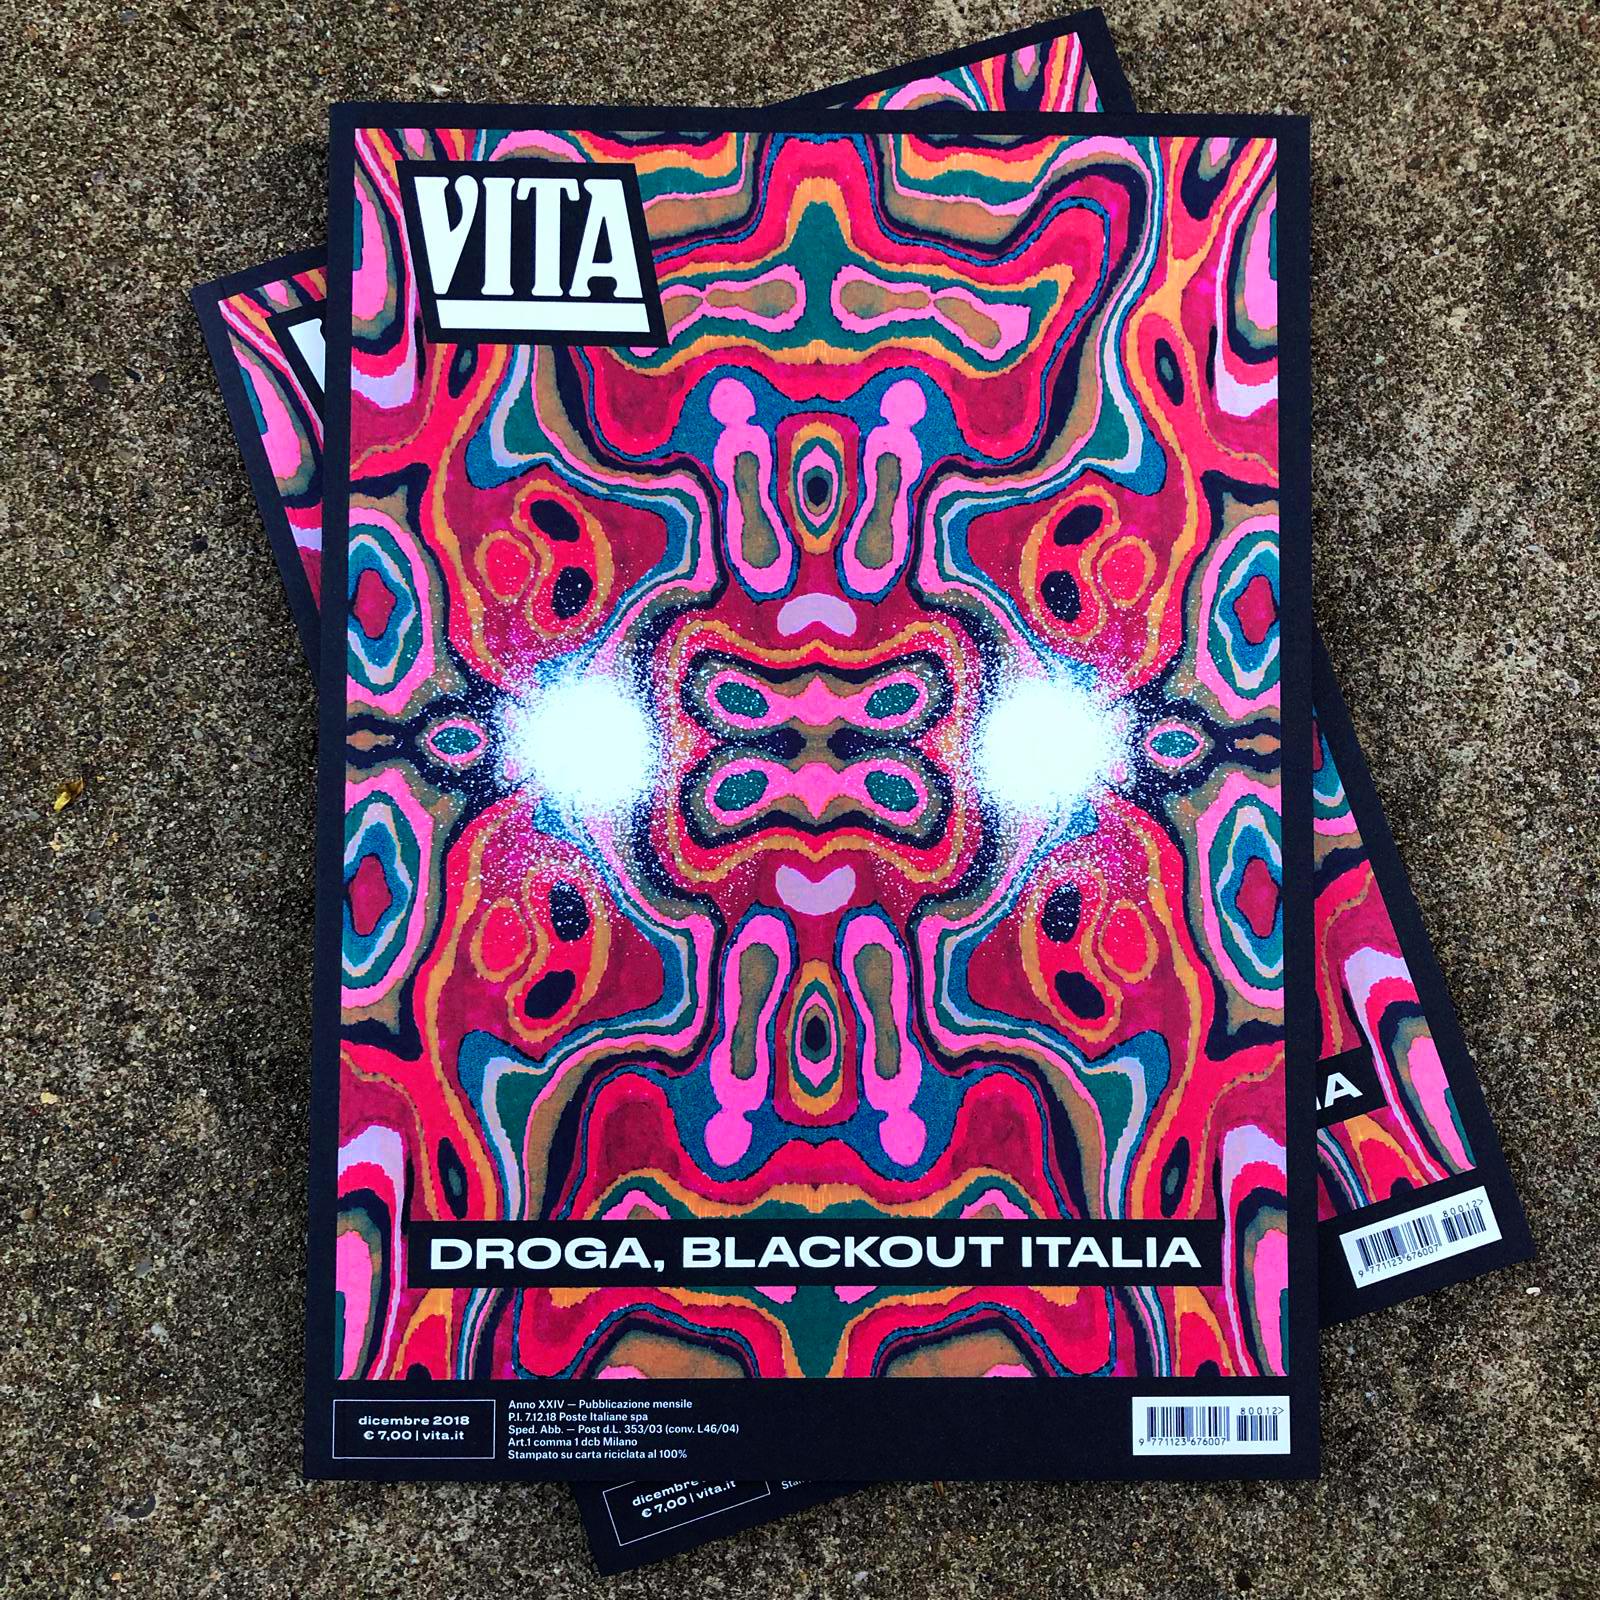 VITA cover